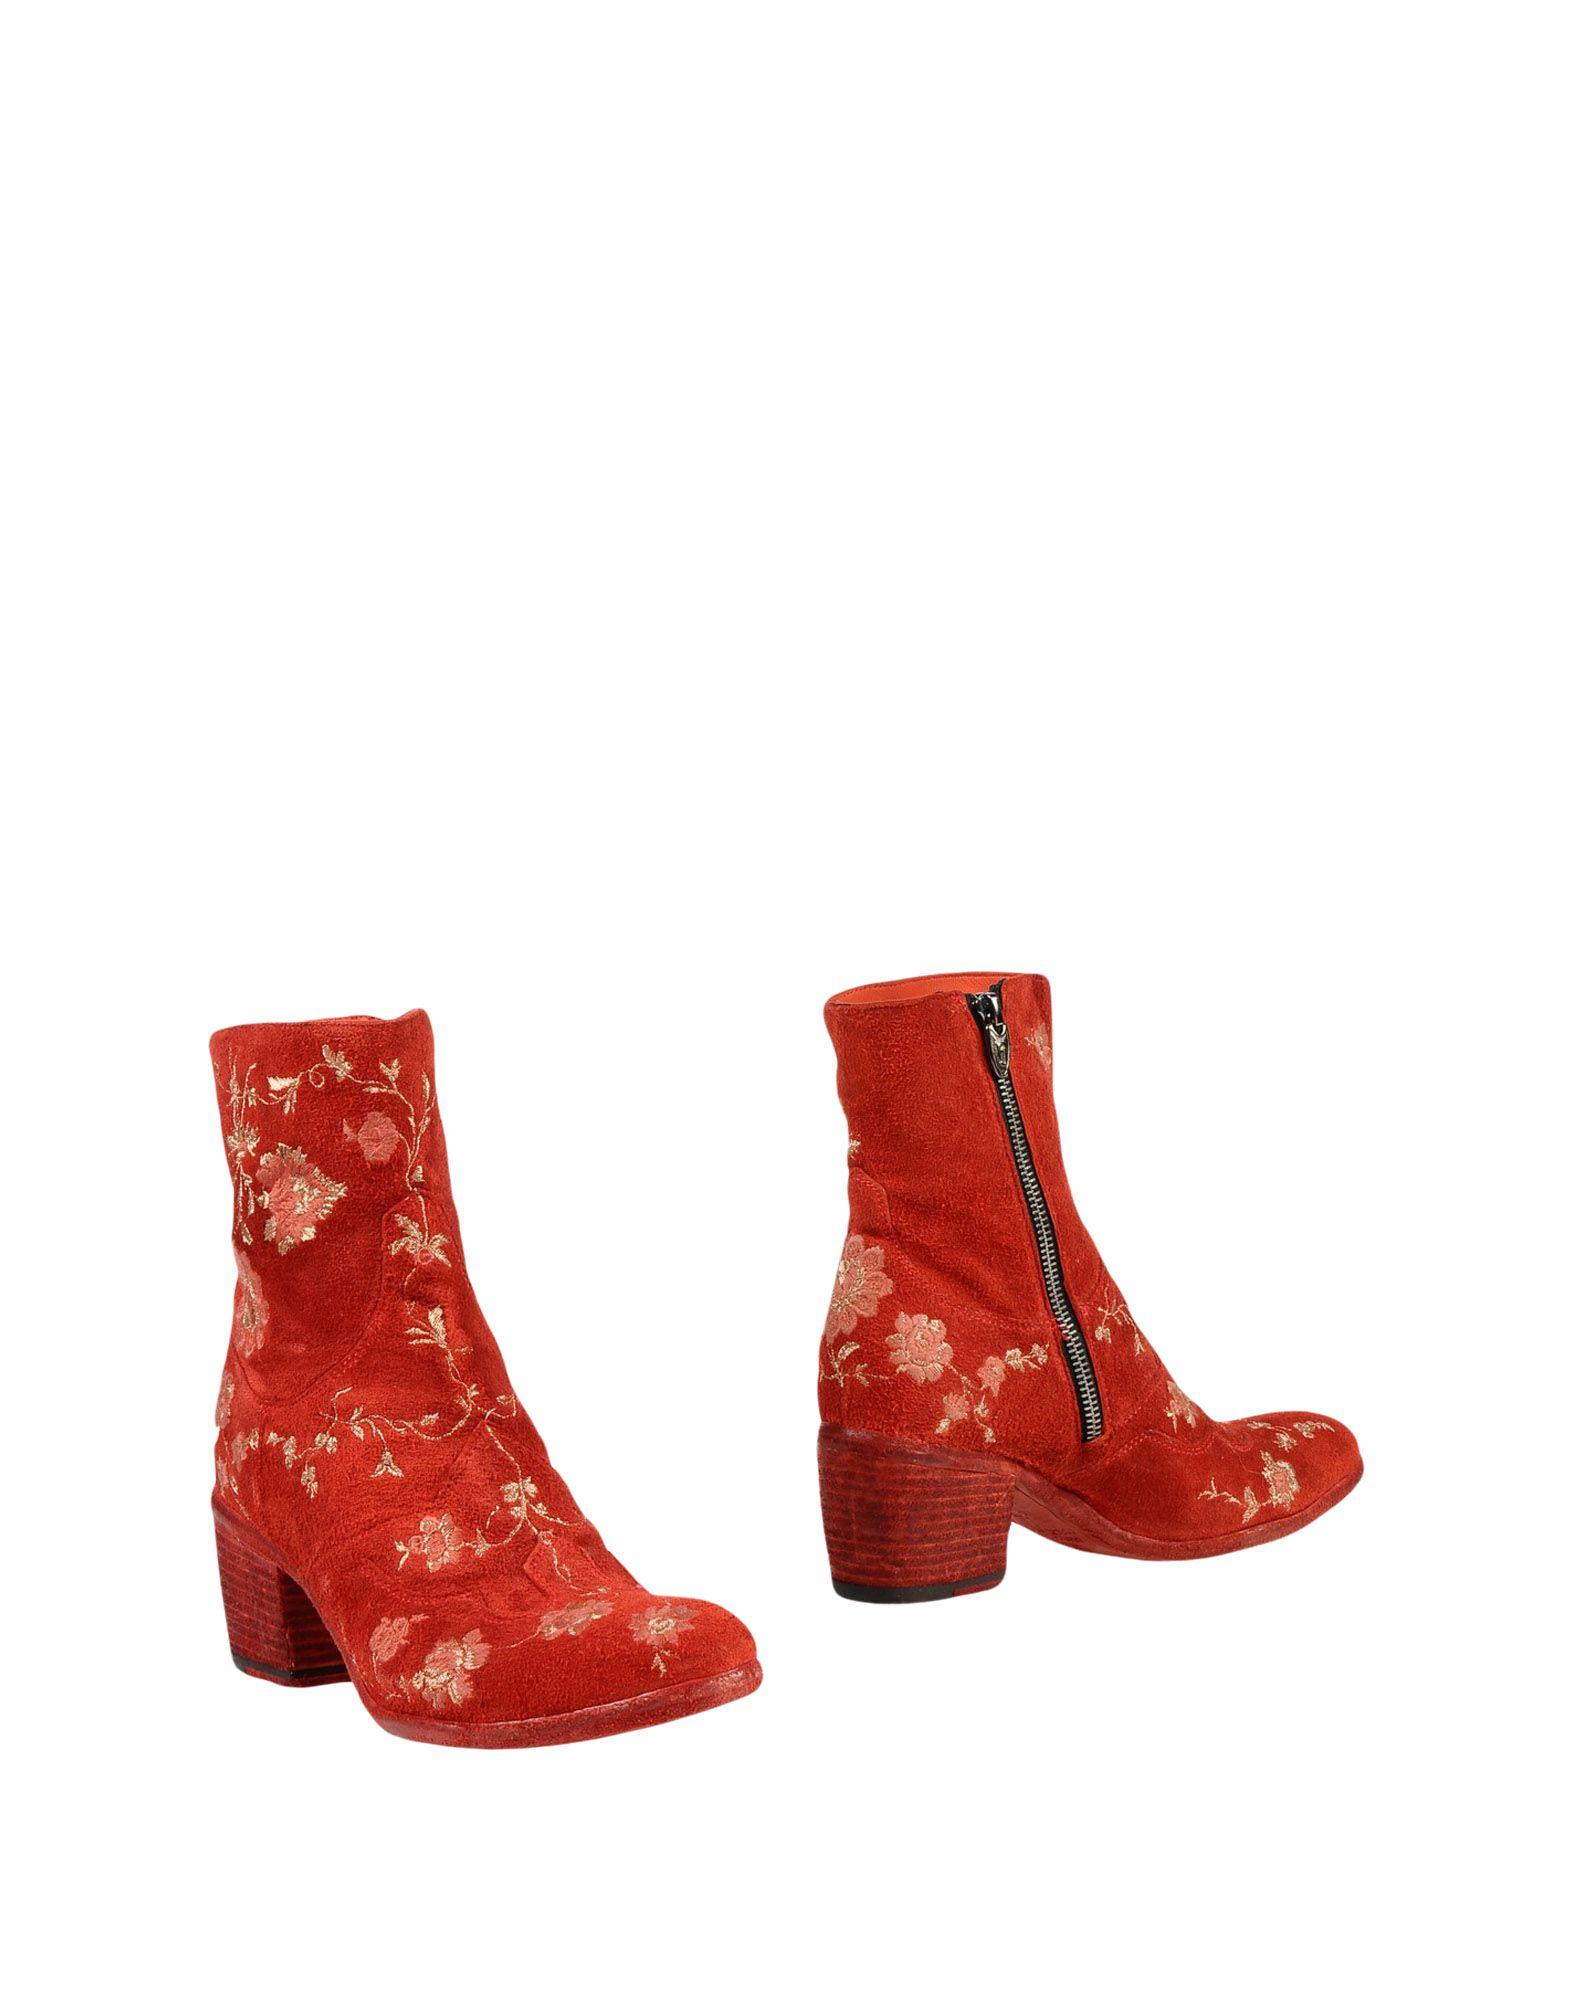 FAUZIAN JEUNESSE VINTAGE Полусапоги и высокие ботинки цены онлайн